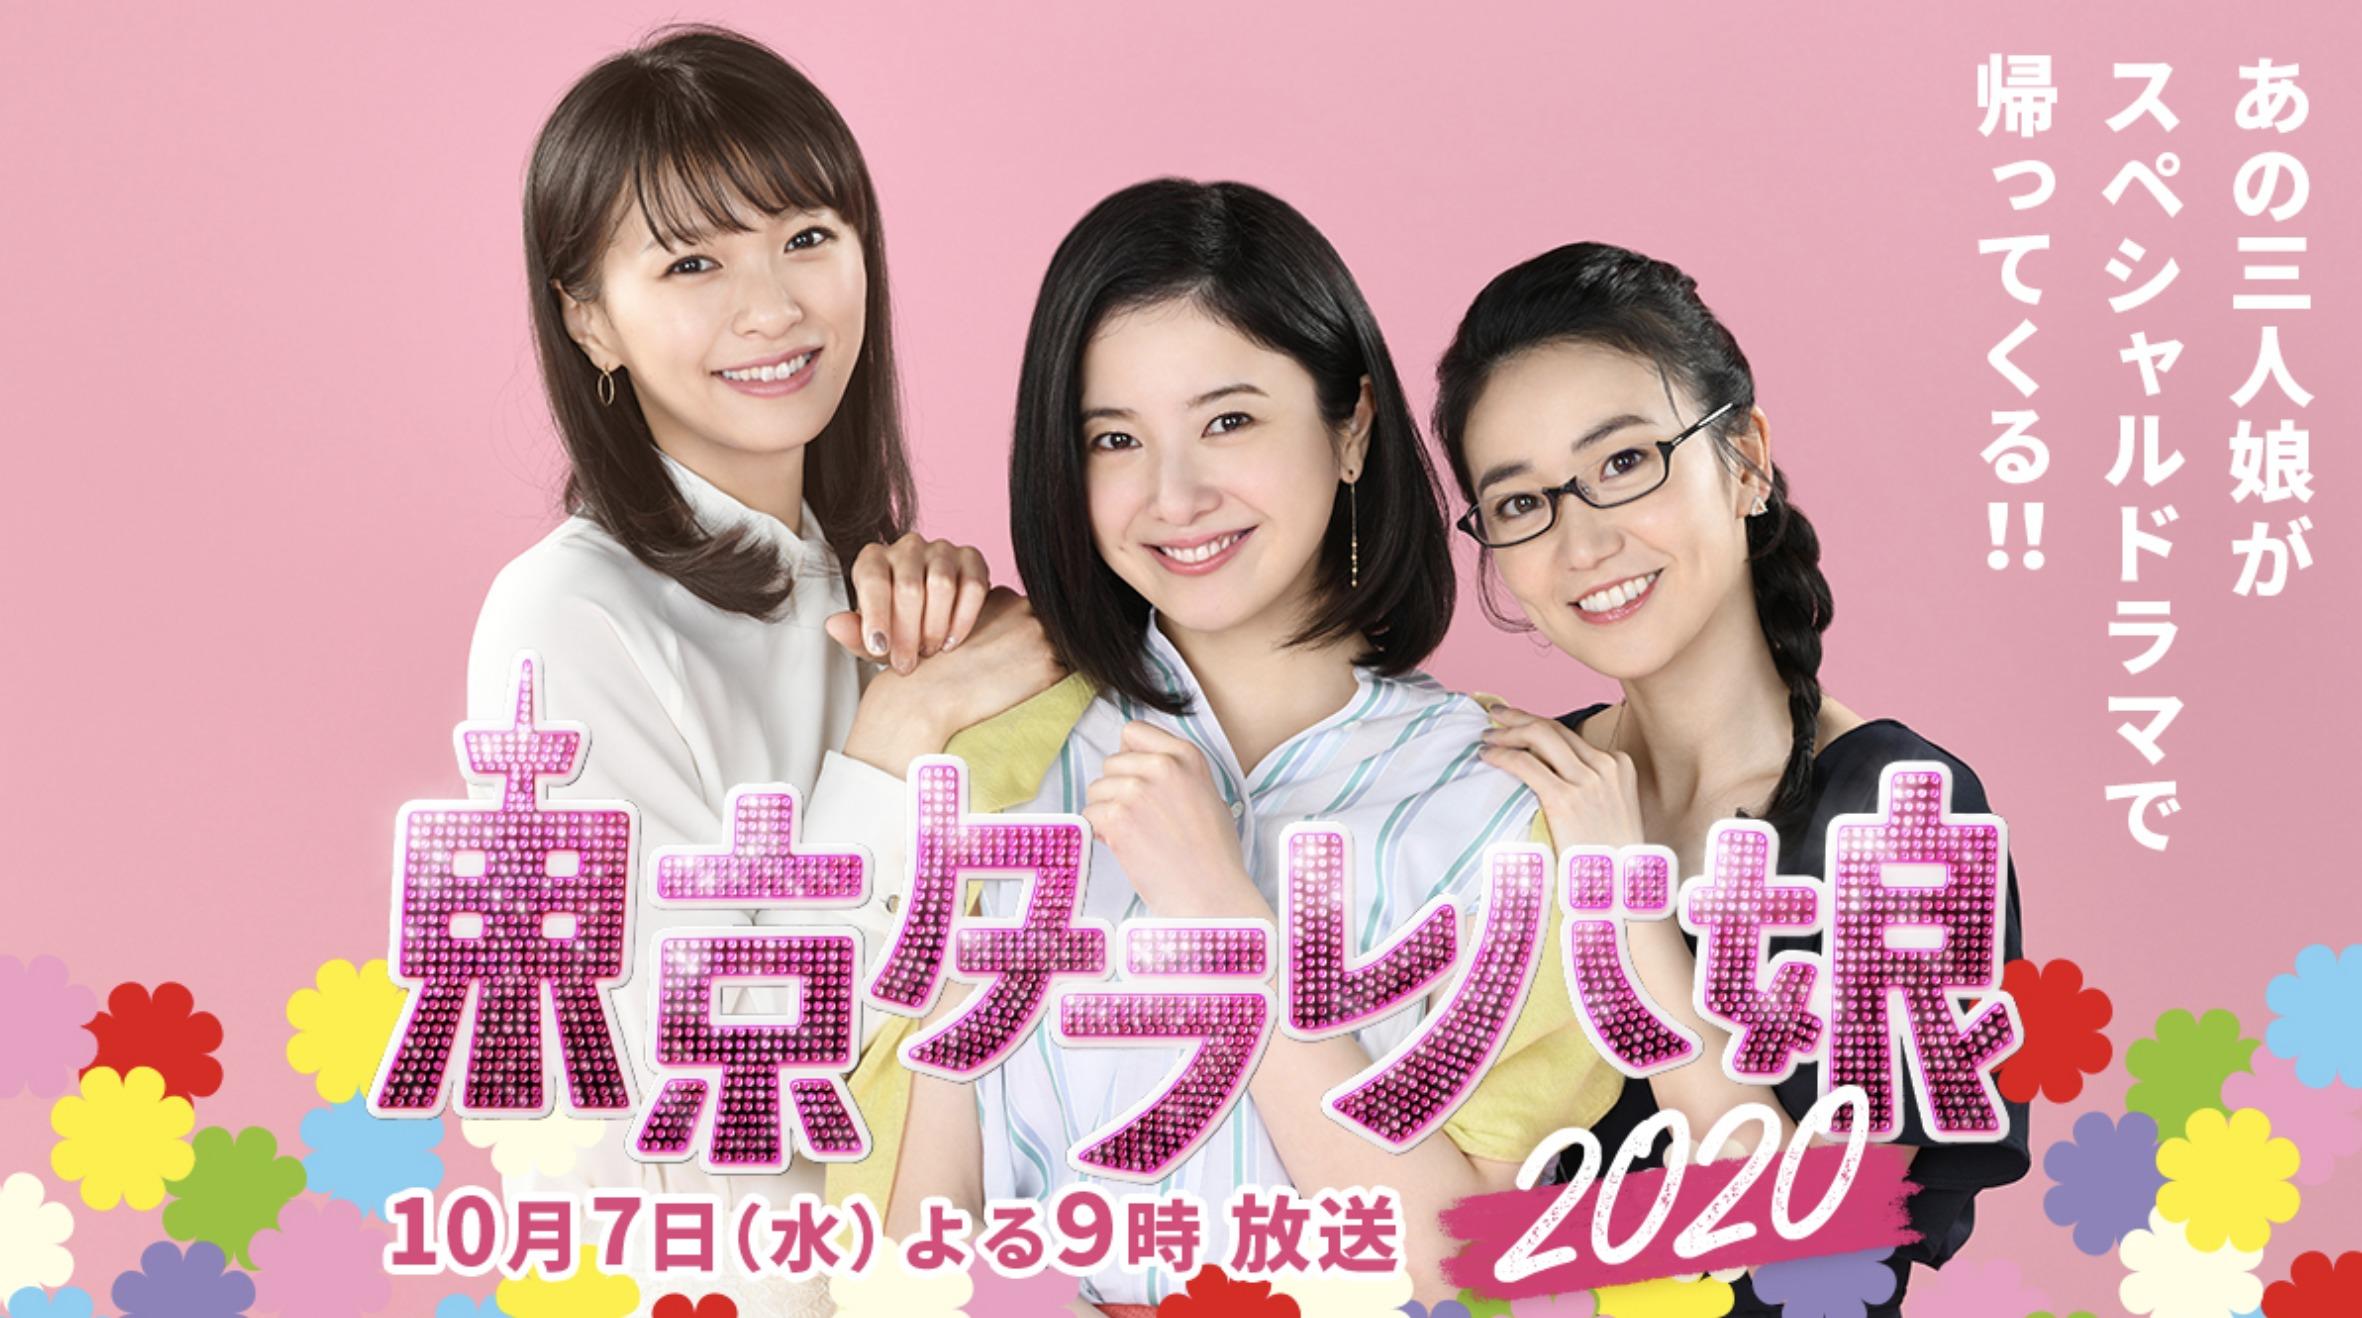 東京タラレバ娘2020の無料動画や見逃し配信をフル視聴する方法!